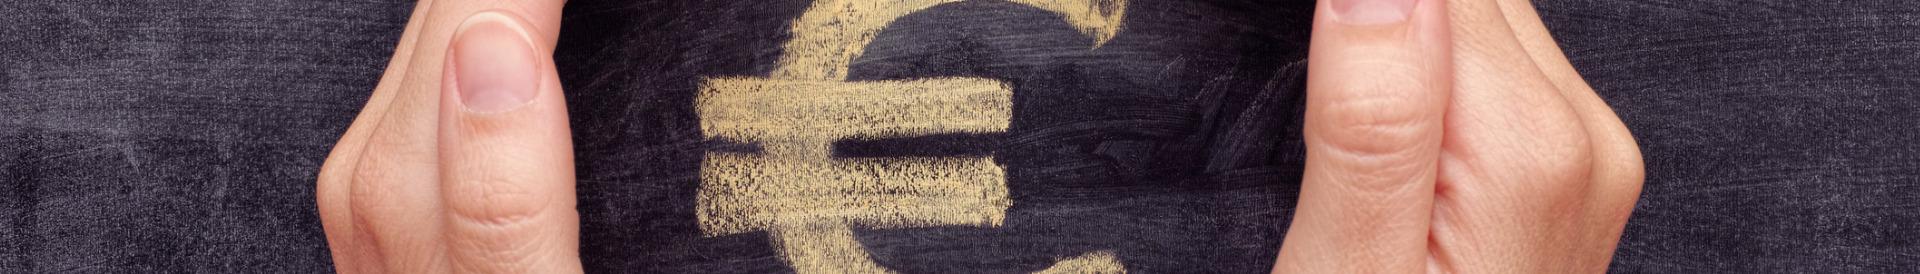 na62-dettes-zoneuro-1920.jpg